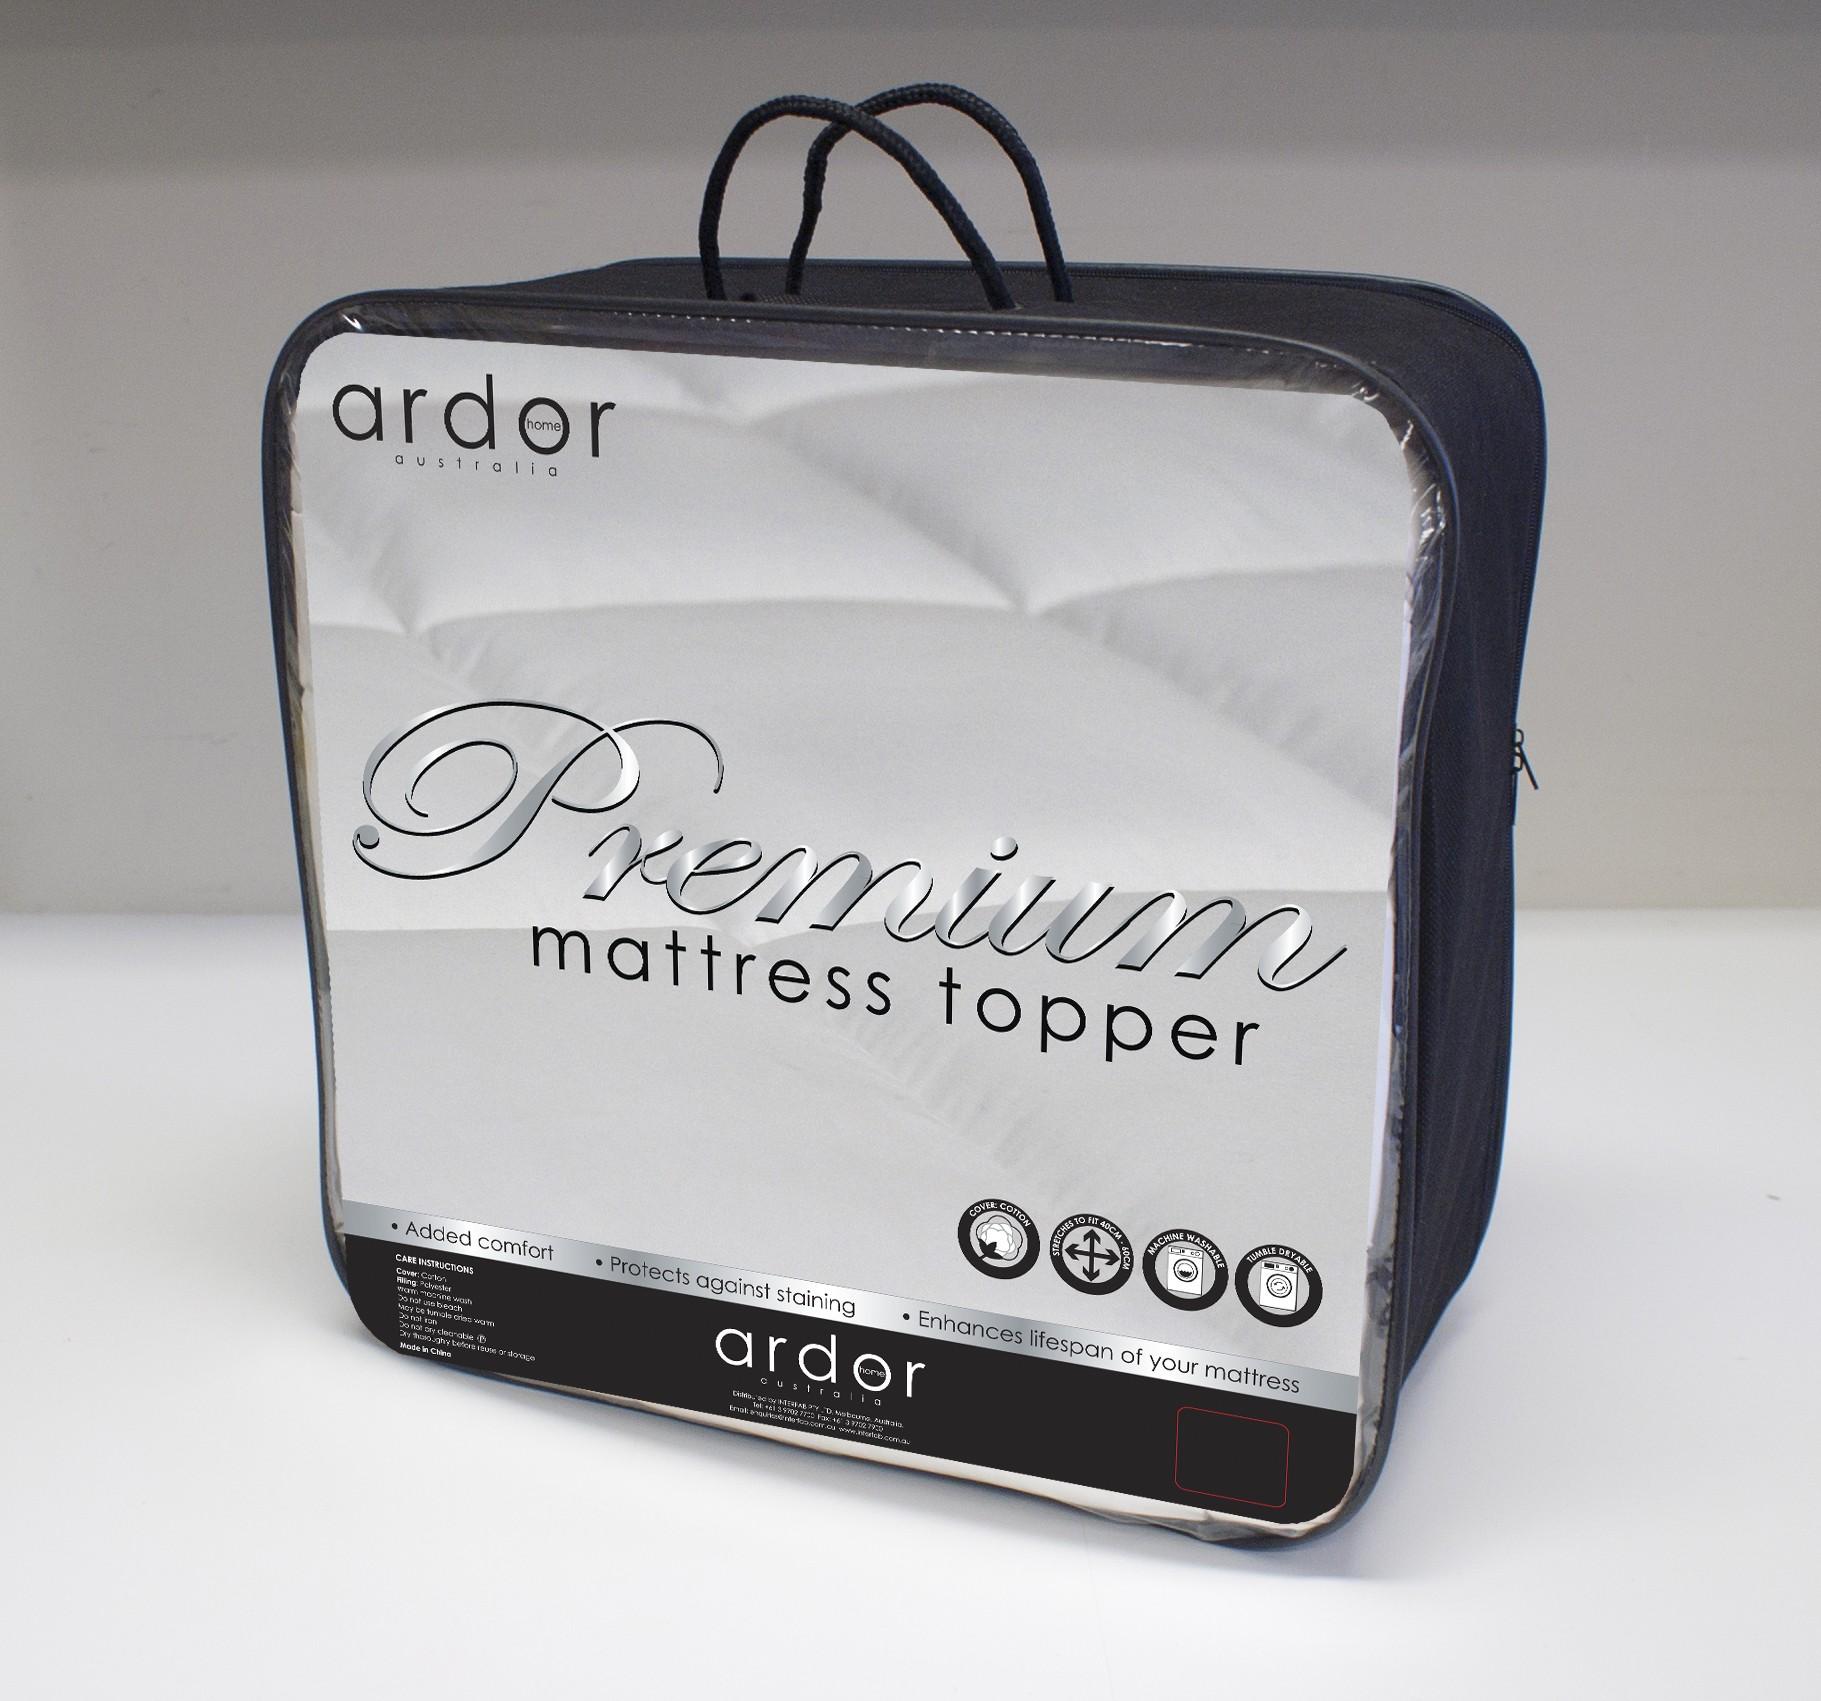 Ardor Mattress Topper